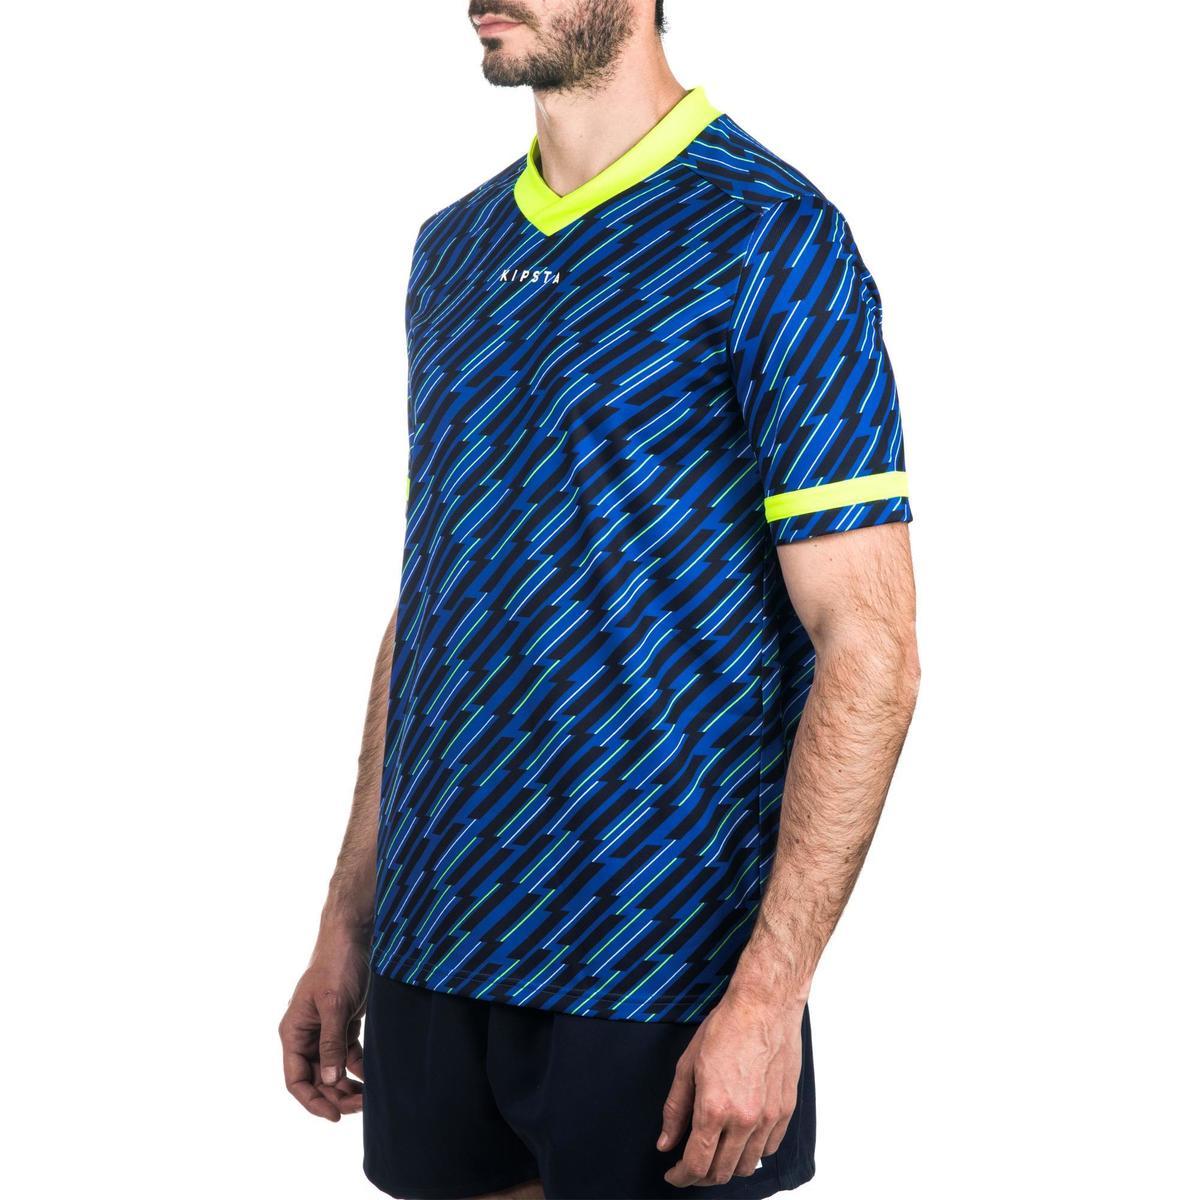 Bild 5 von Rugbytrikot R100 Erwachsene blau